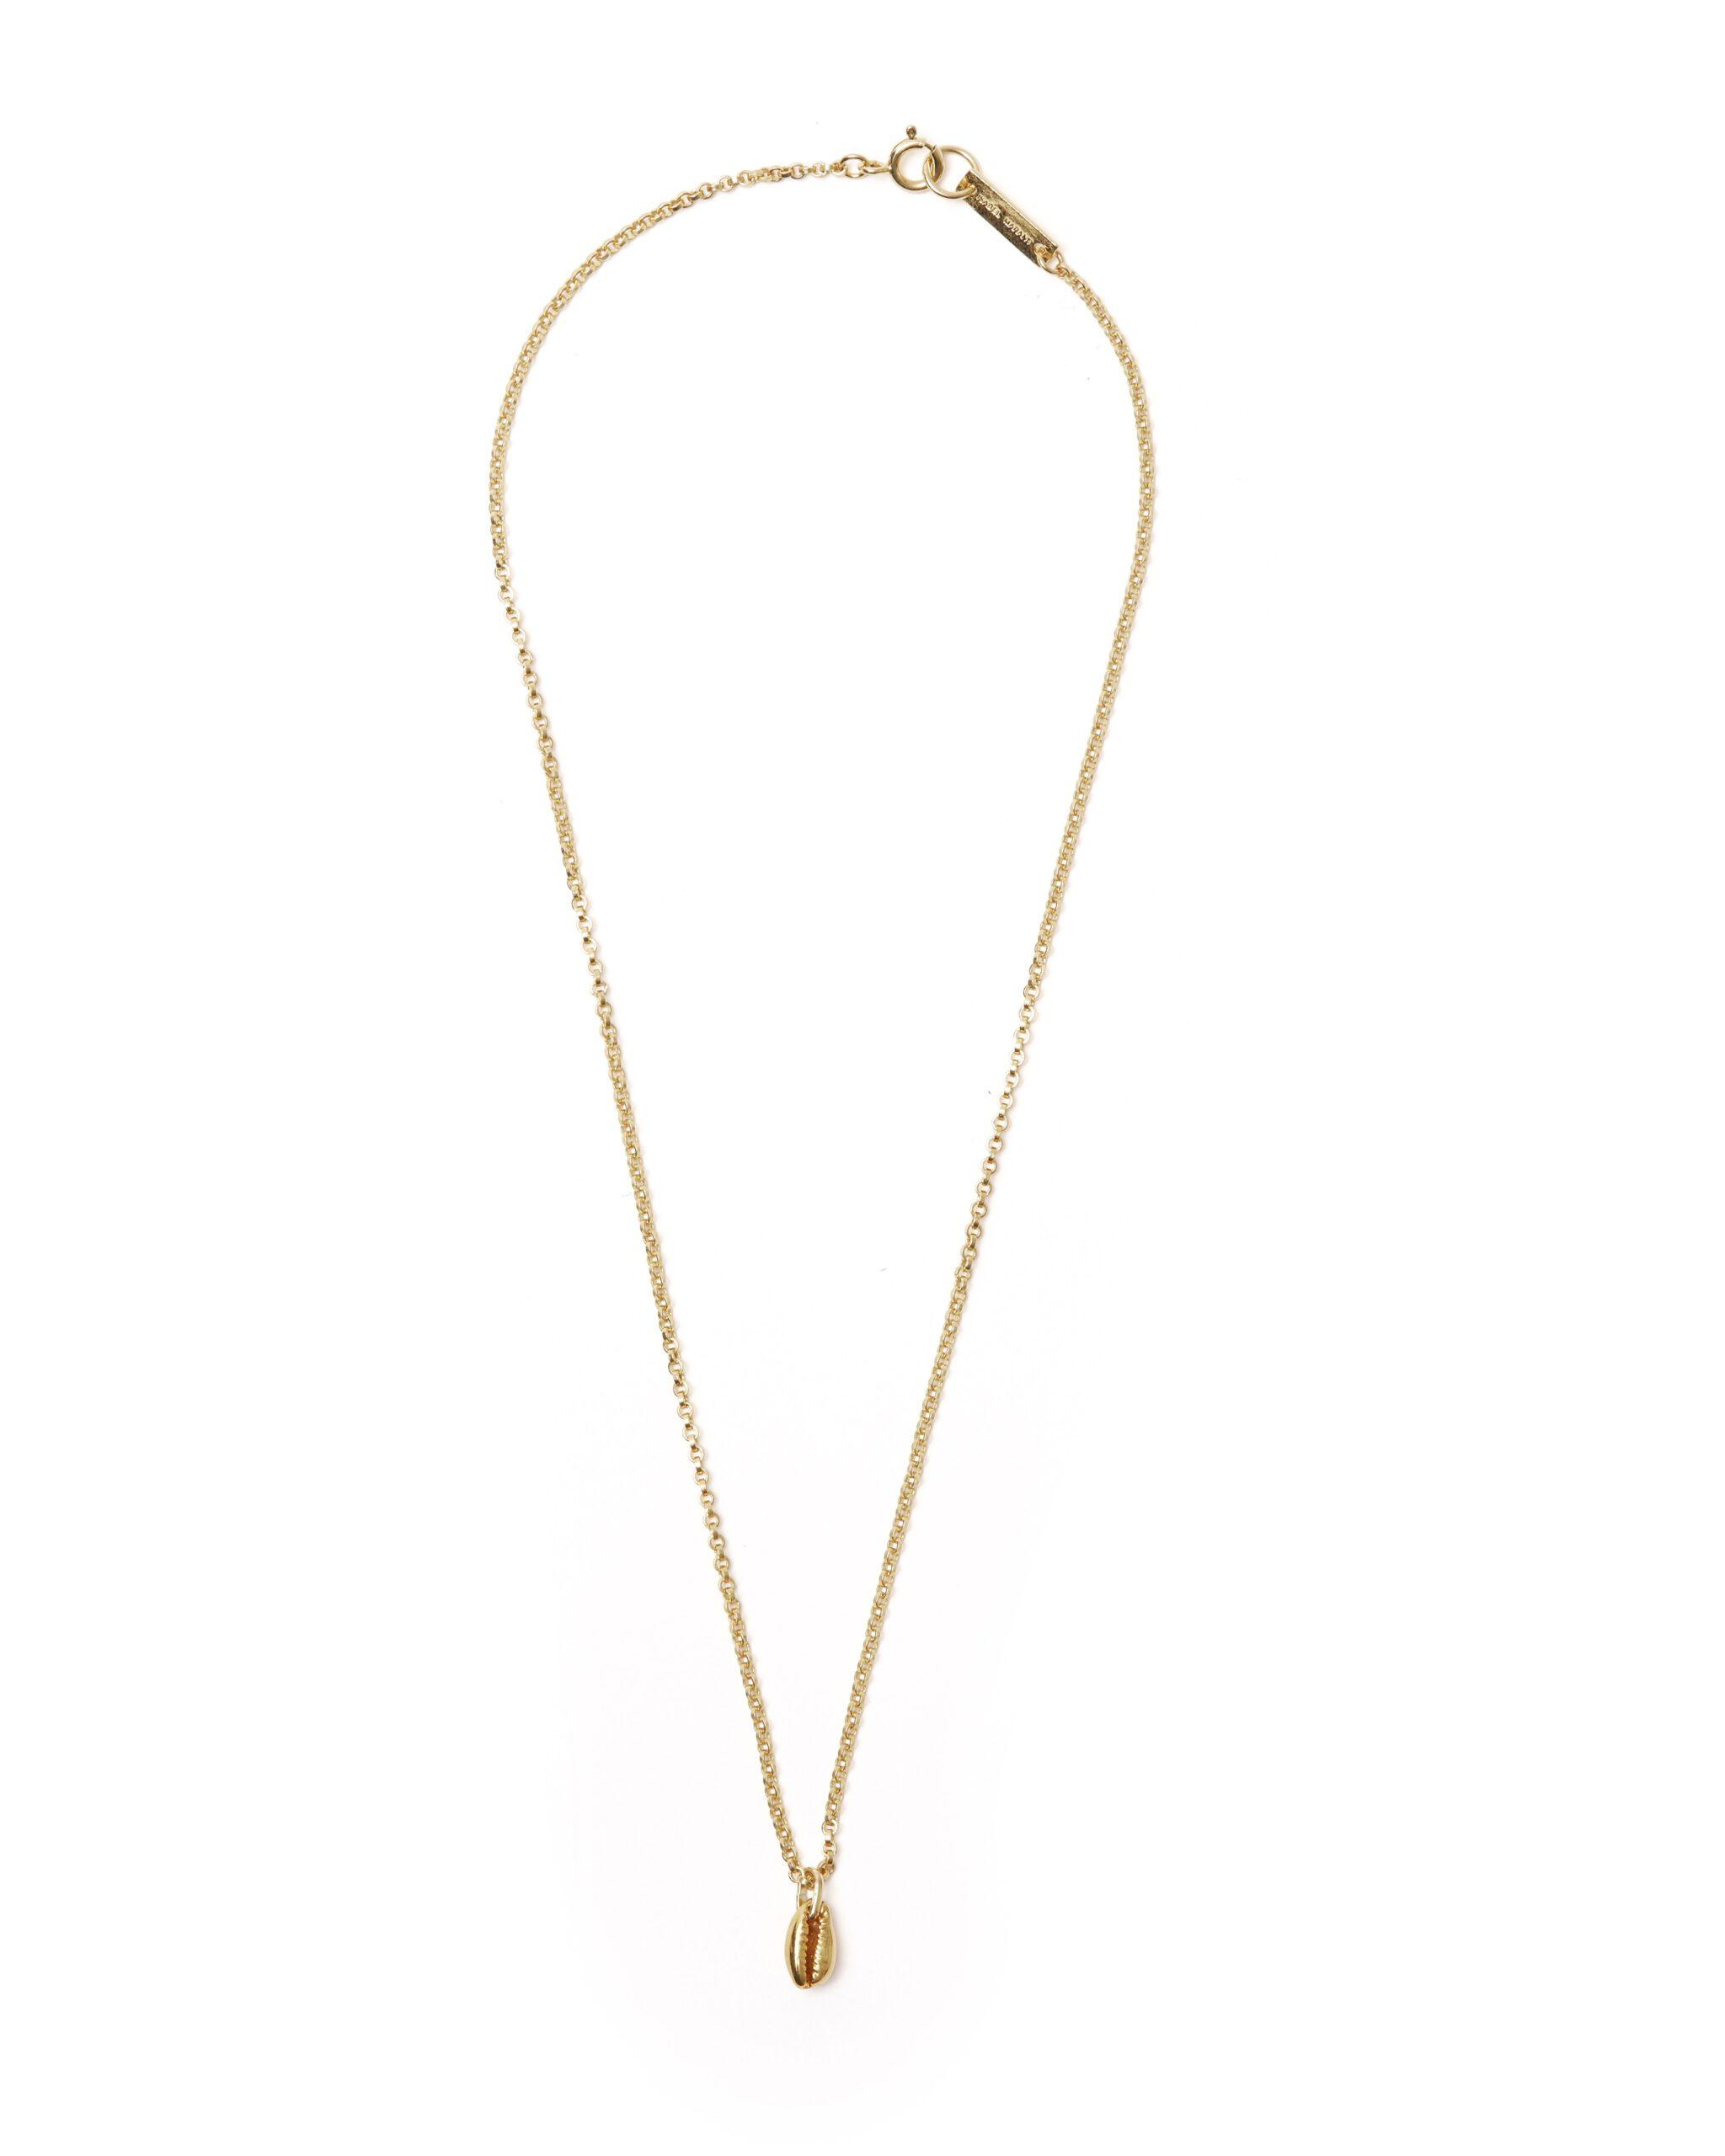 Halskette, Amer, Isabel Marant, Gold, Muschel